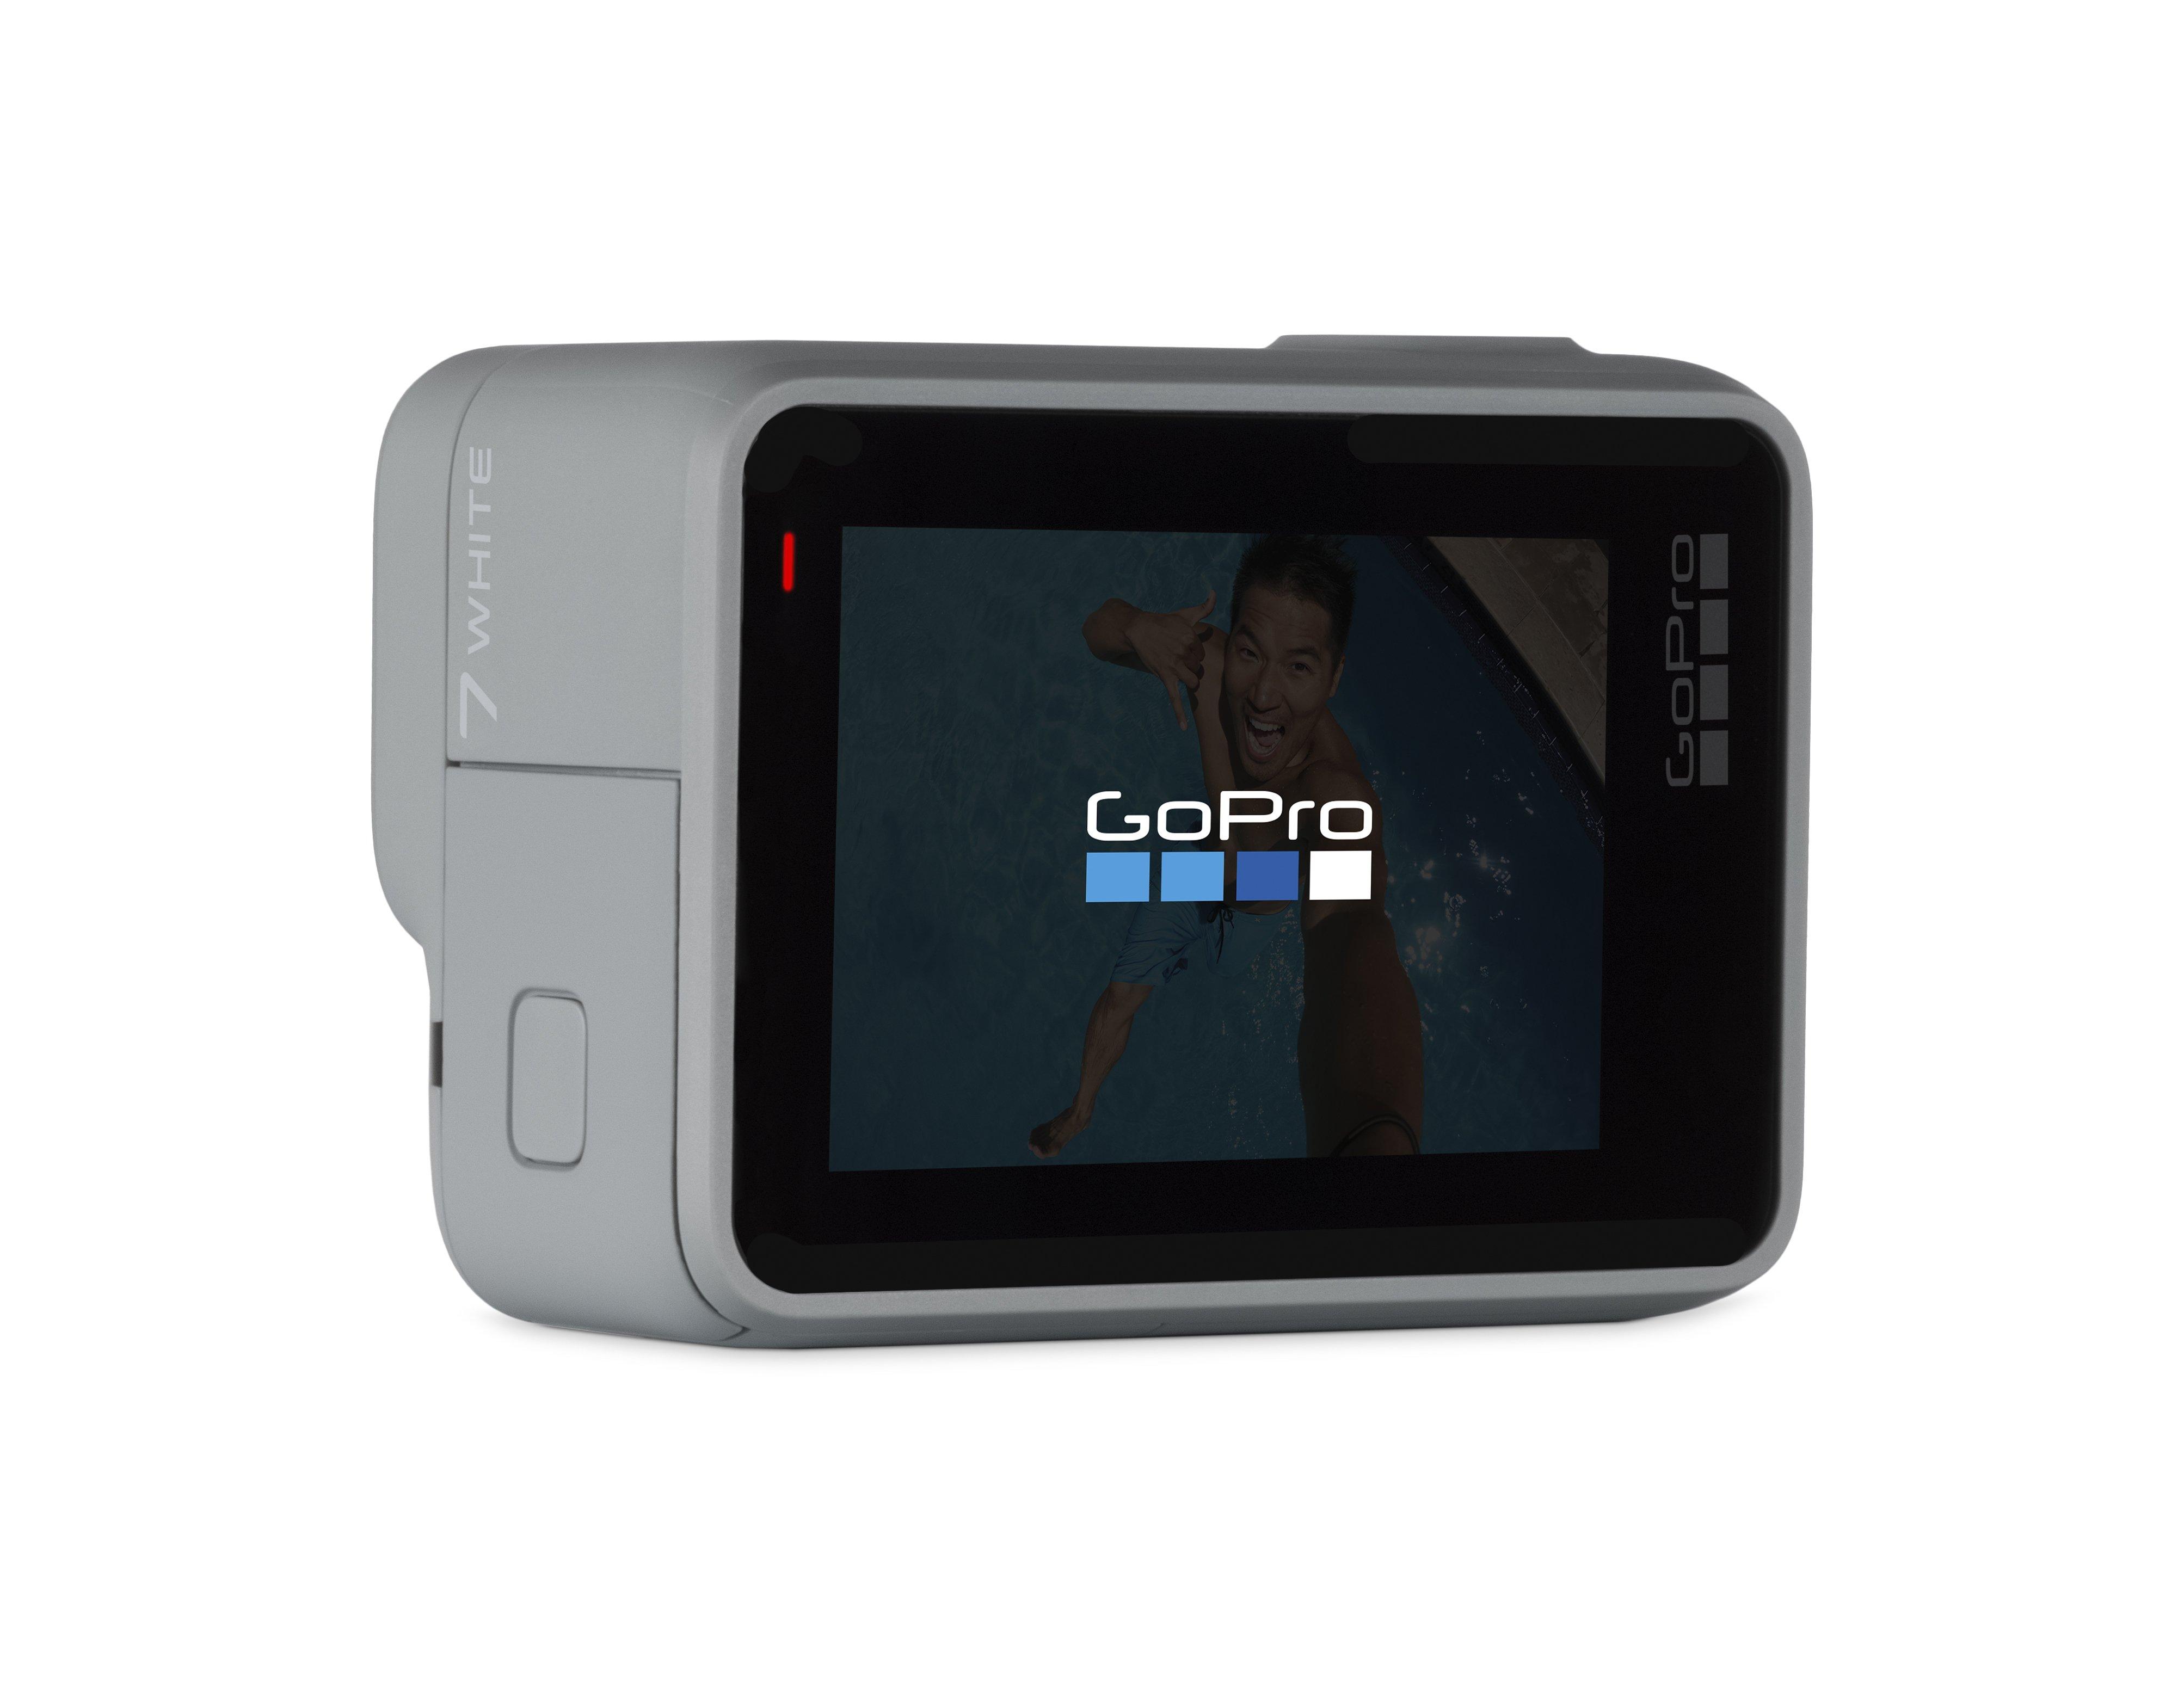 Go pro posada możliwość nagrywania w 1440p oraz 1080p w 60kl/s